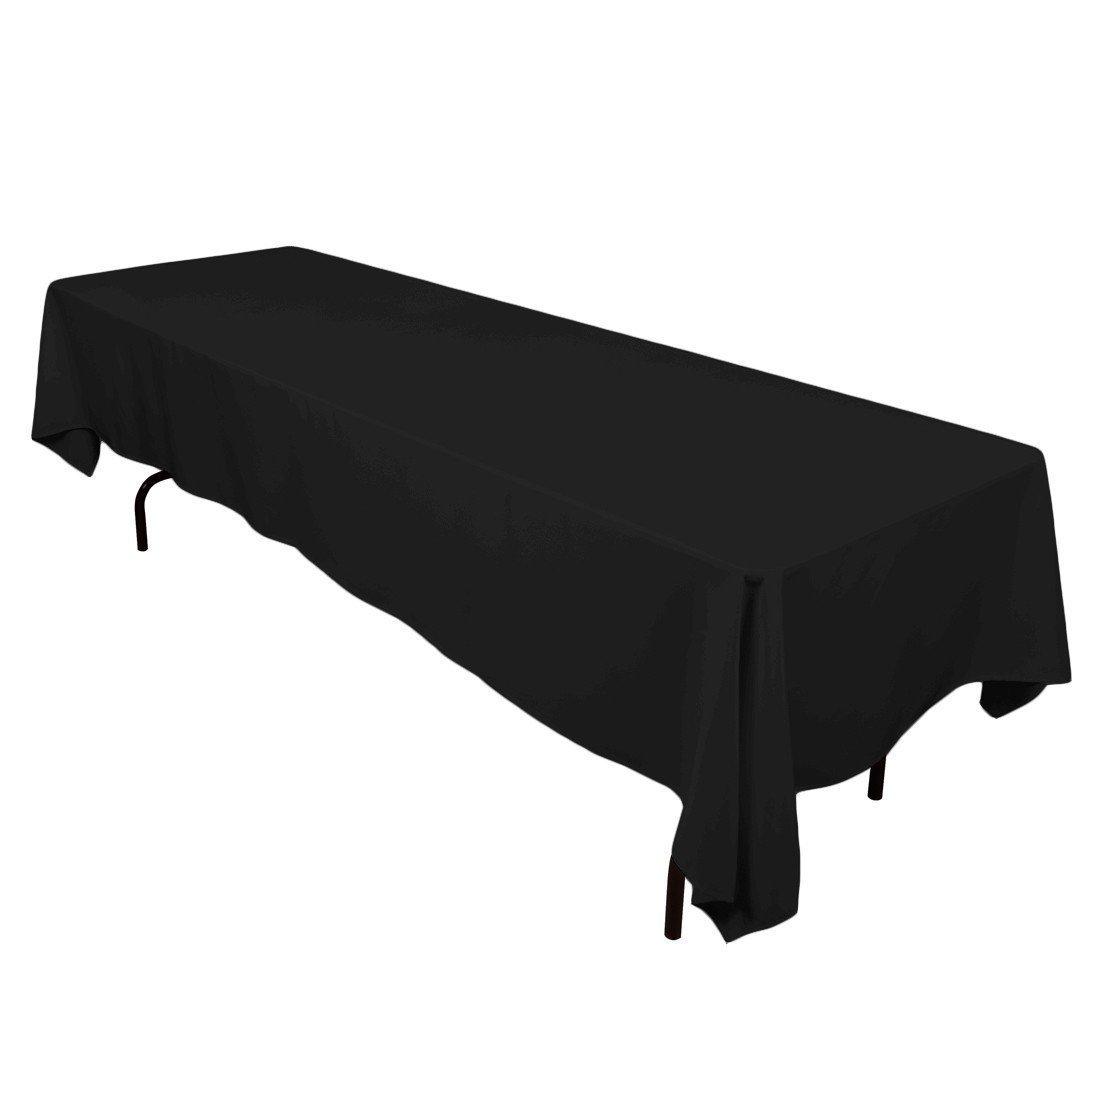 Amazon table cloth 10 คีย์สินค้า ปี 2017 - รู้ข้อมูลก่อน ขายก่อน ได้เงินก่อนใครในประเทศ!